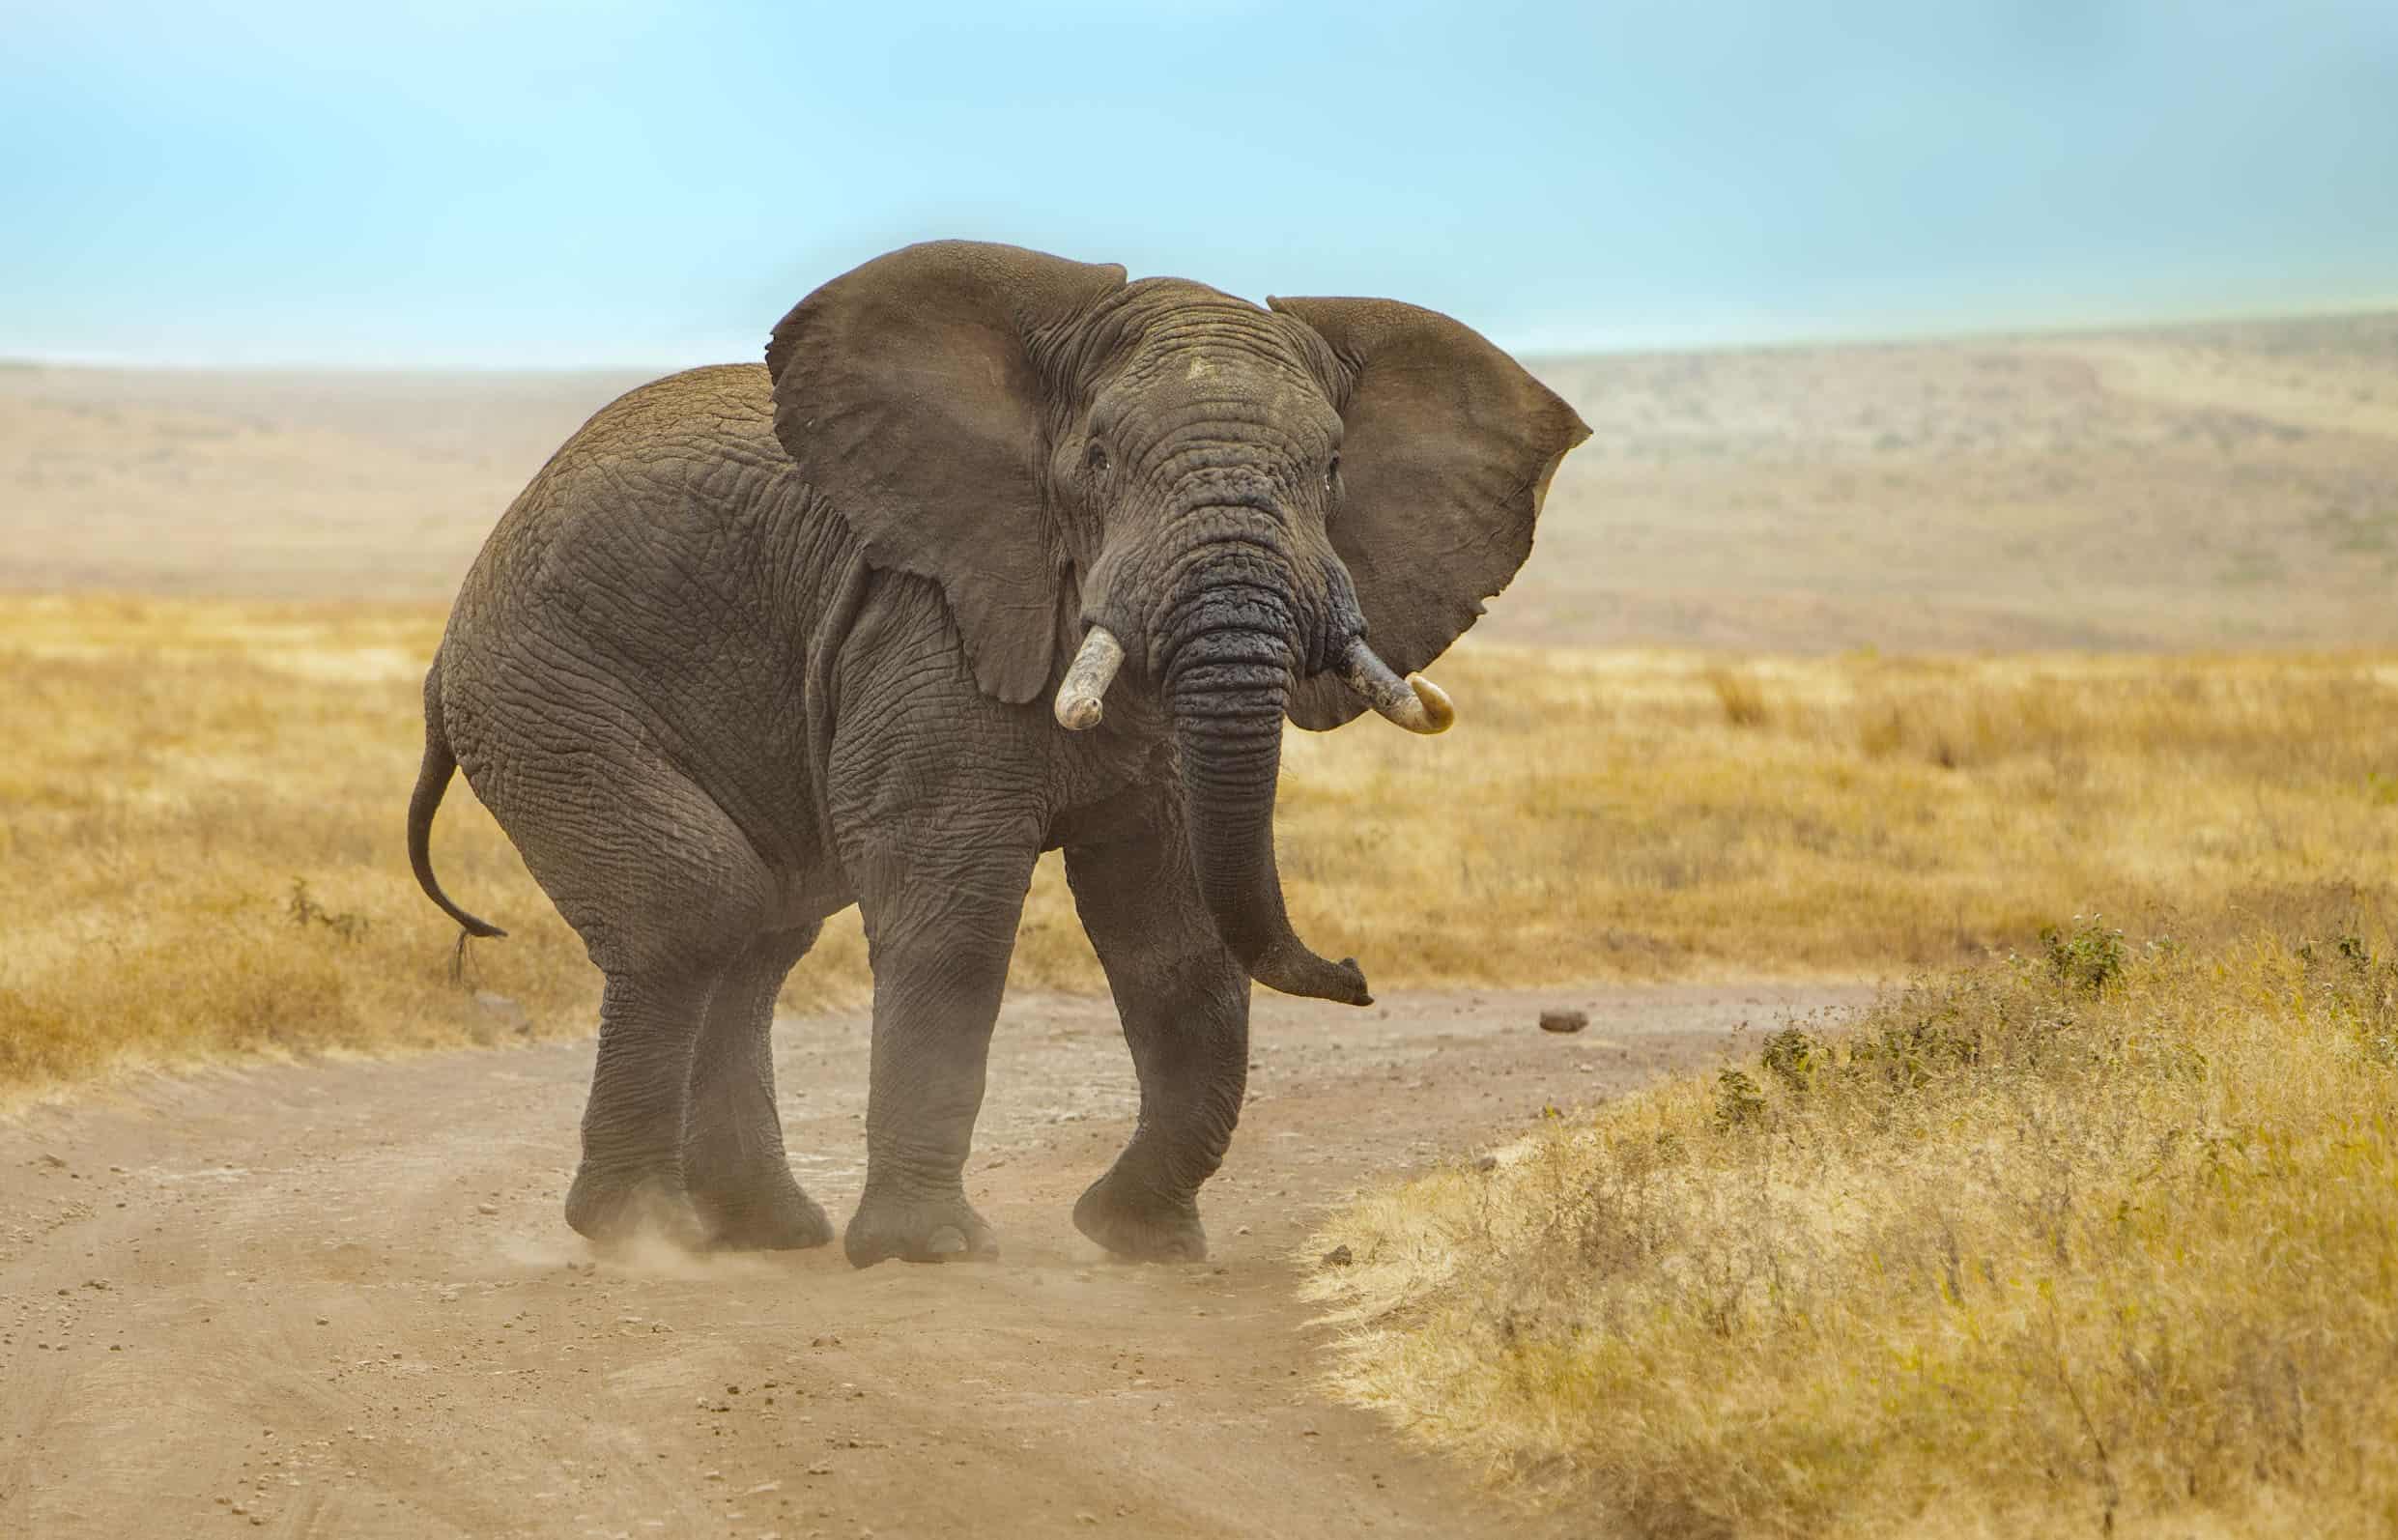 Elephant Bull Ngorongoro 16 July 2019 87